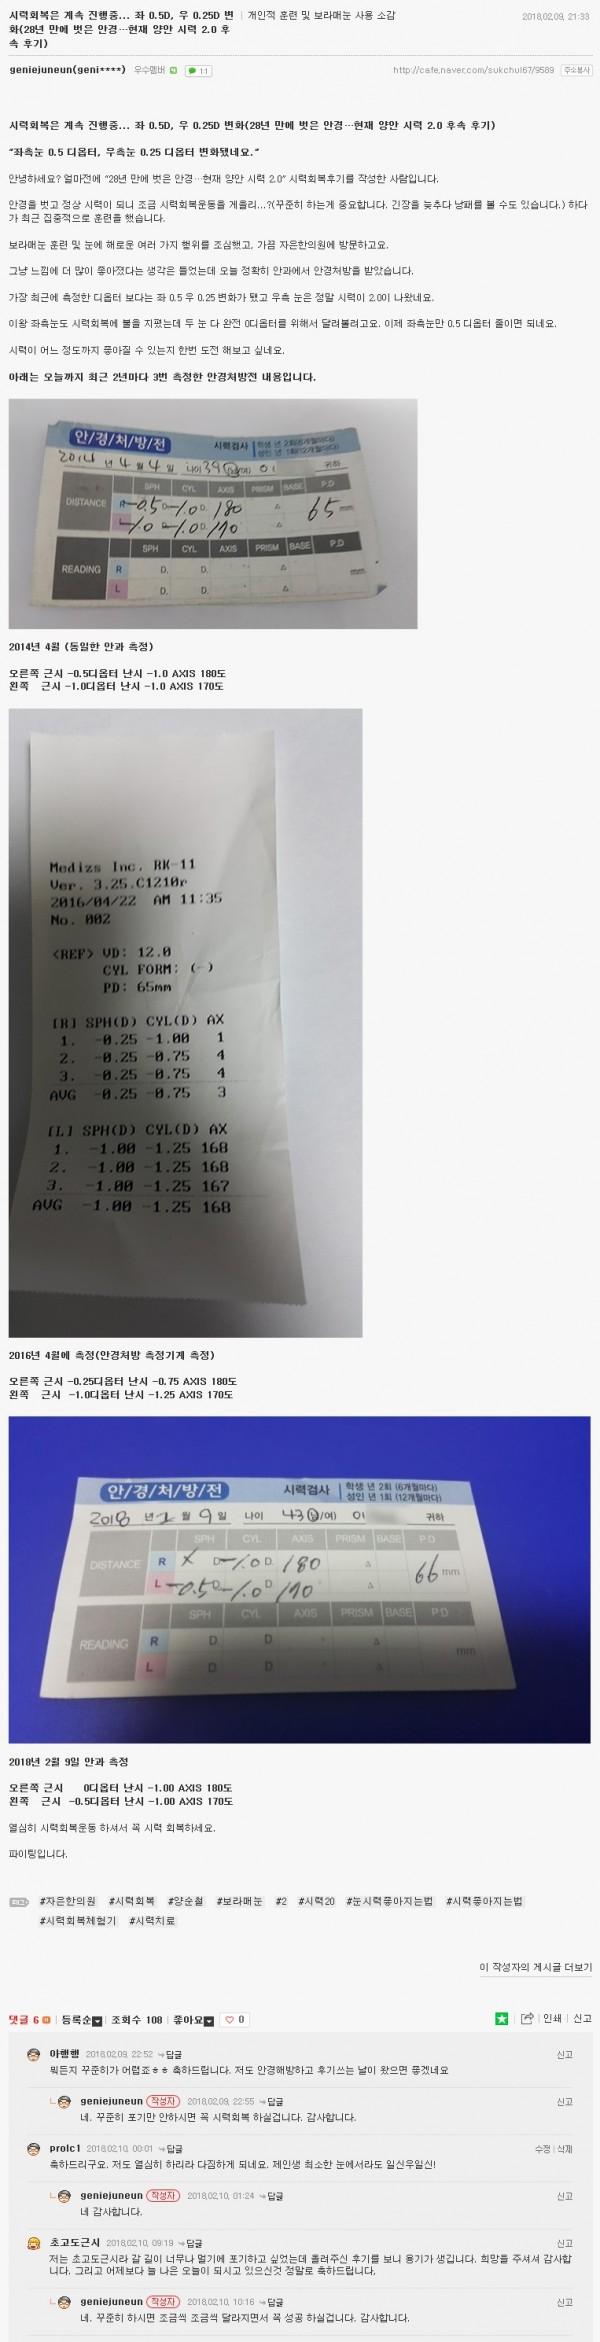 3f2d79e4d3ea820fadba356e156cbd41_1518234